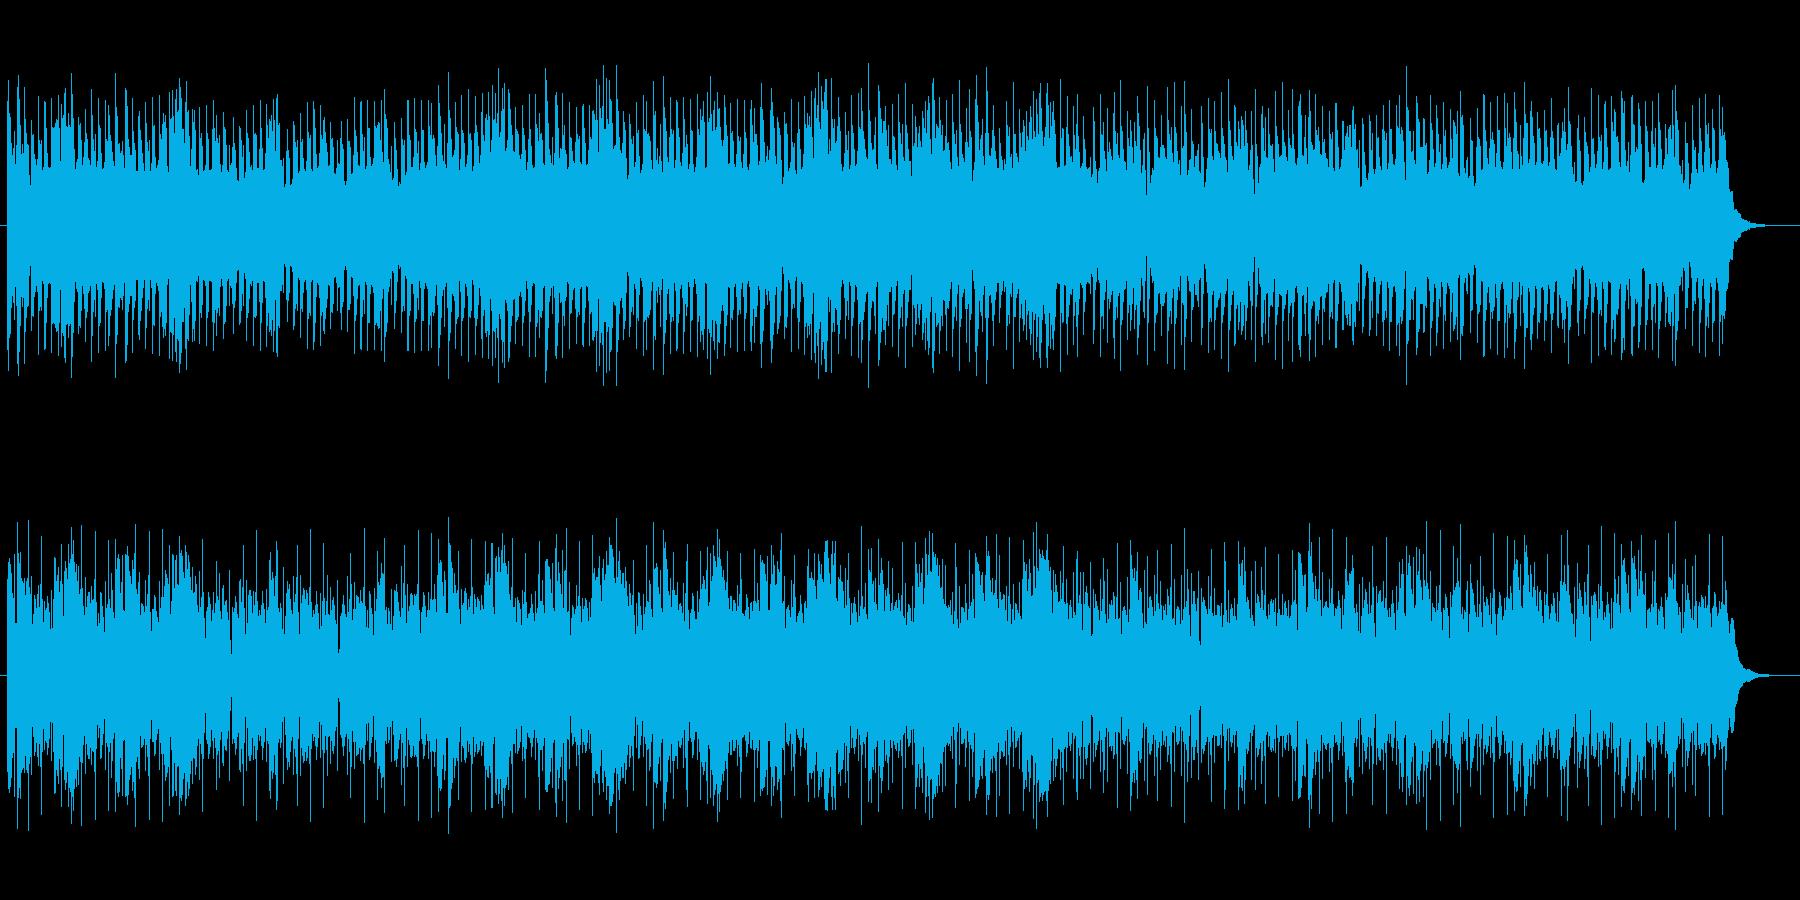 マイナーで神秘的なシンセテクノサウンドの再生済みの波形